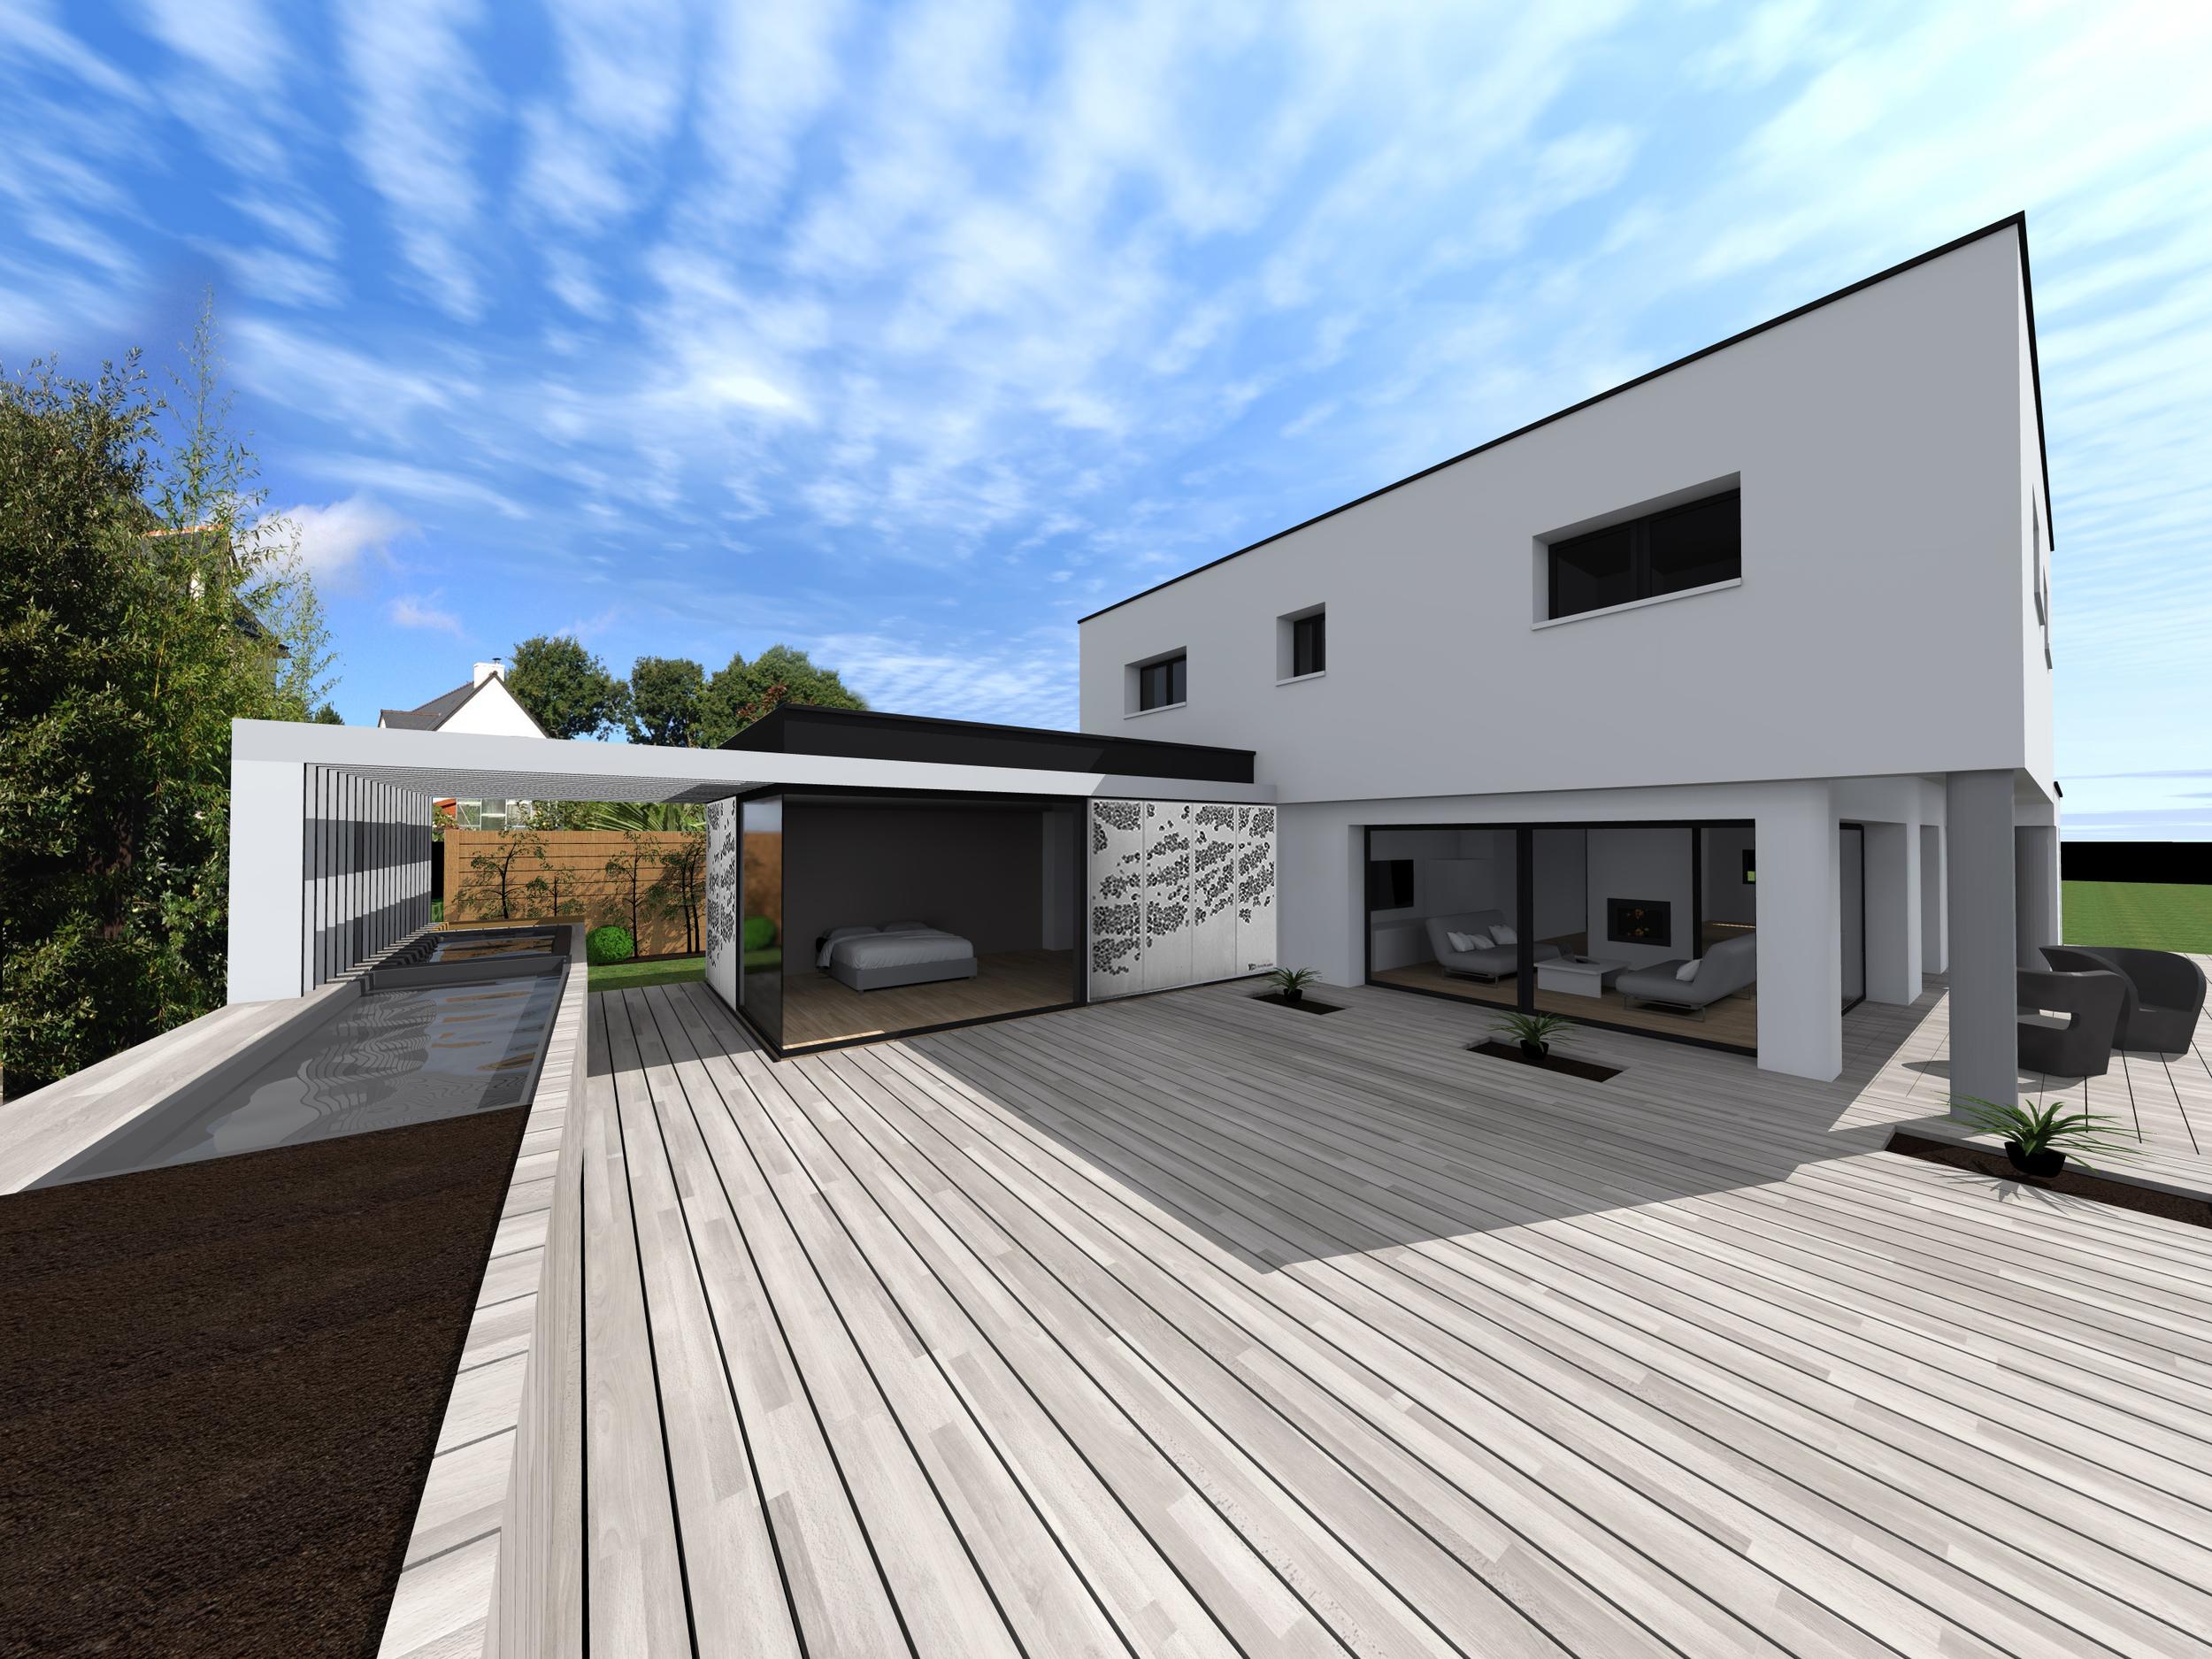 LEHON - Projet extension et aménagement extérieur